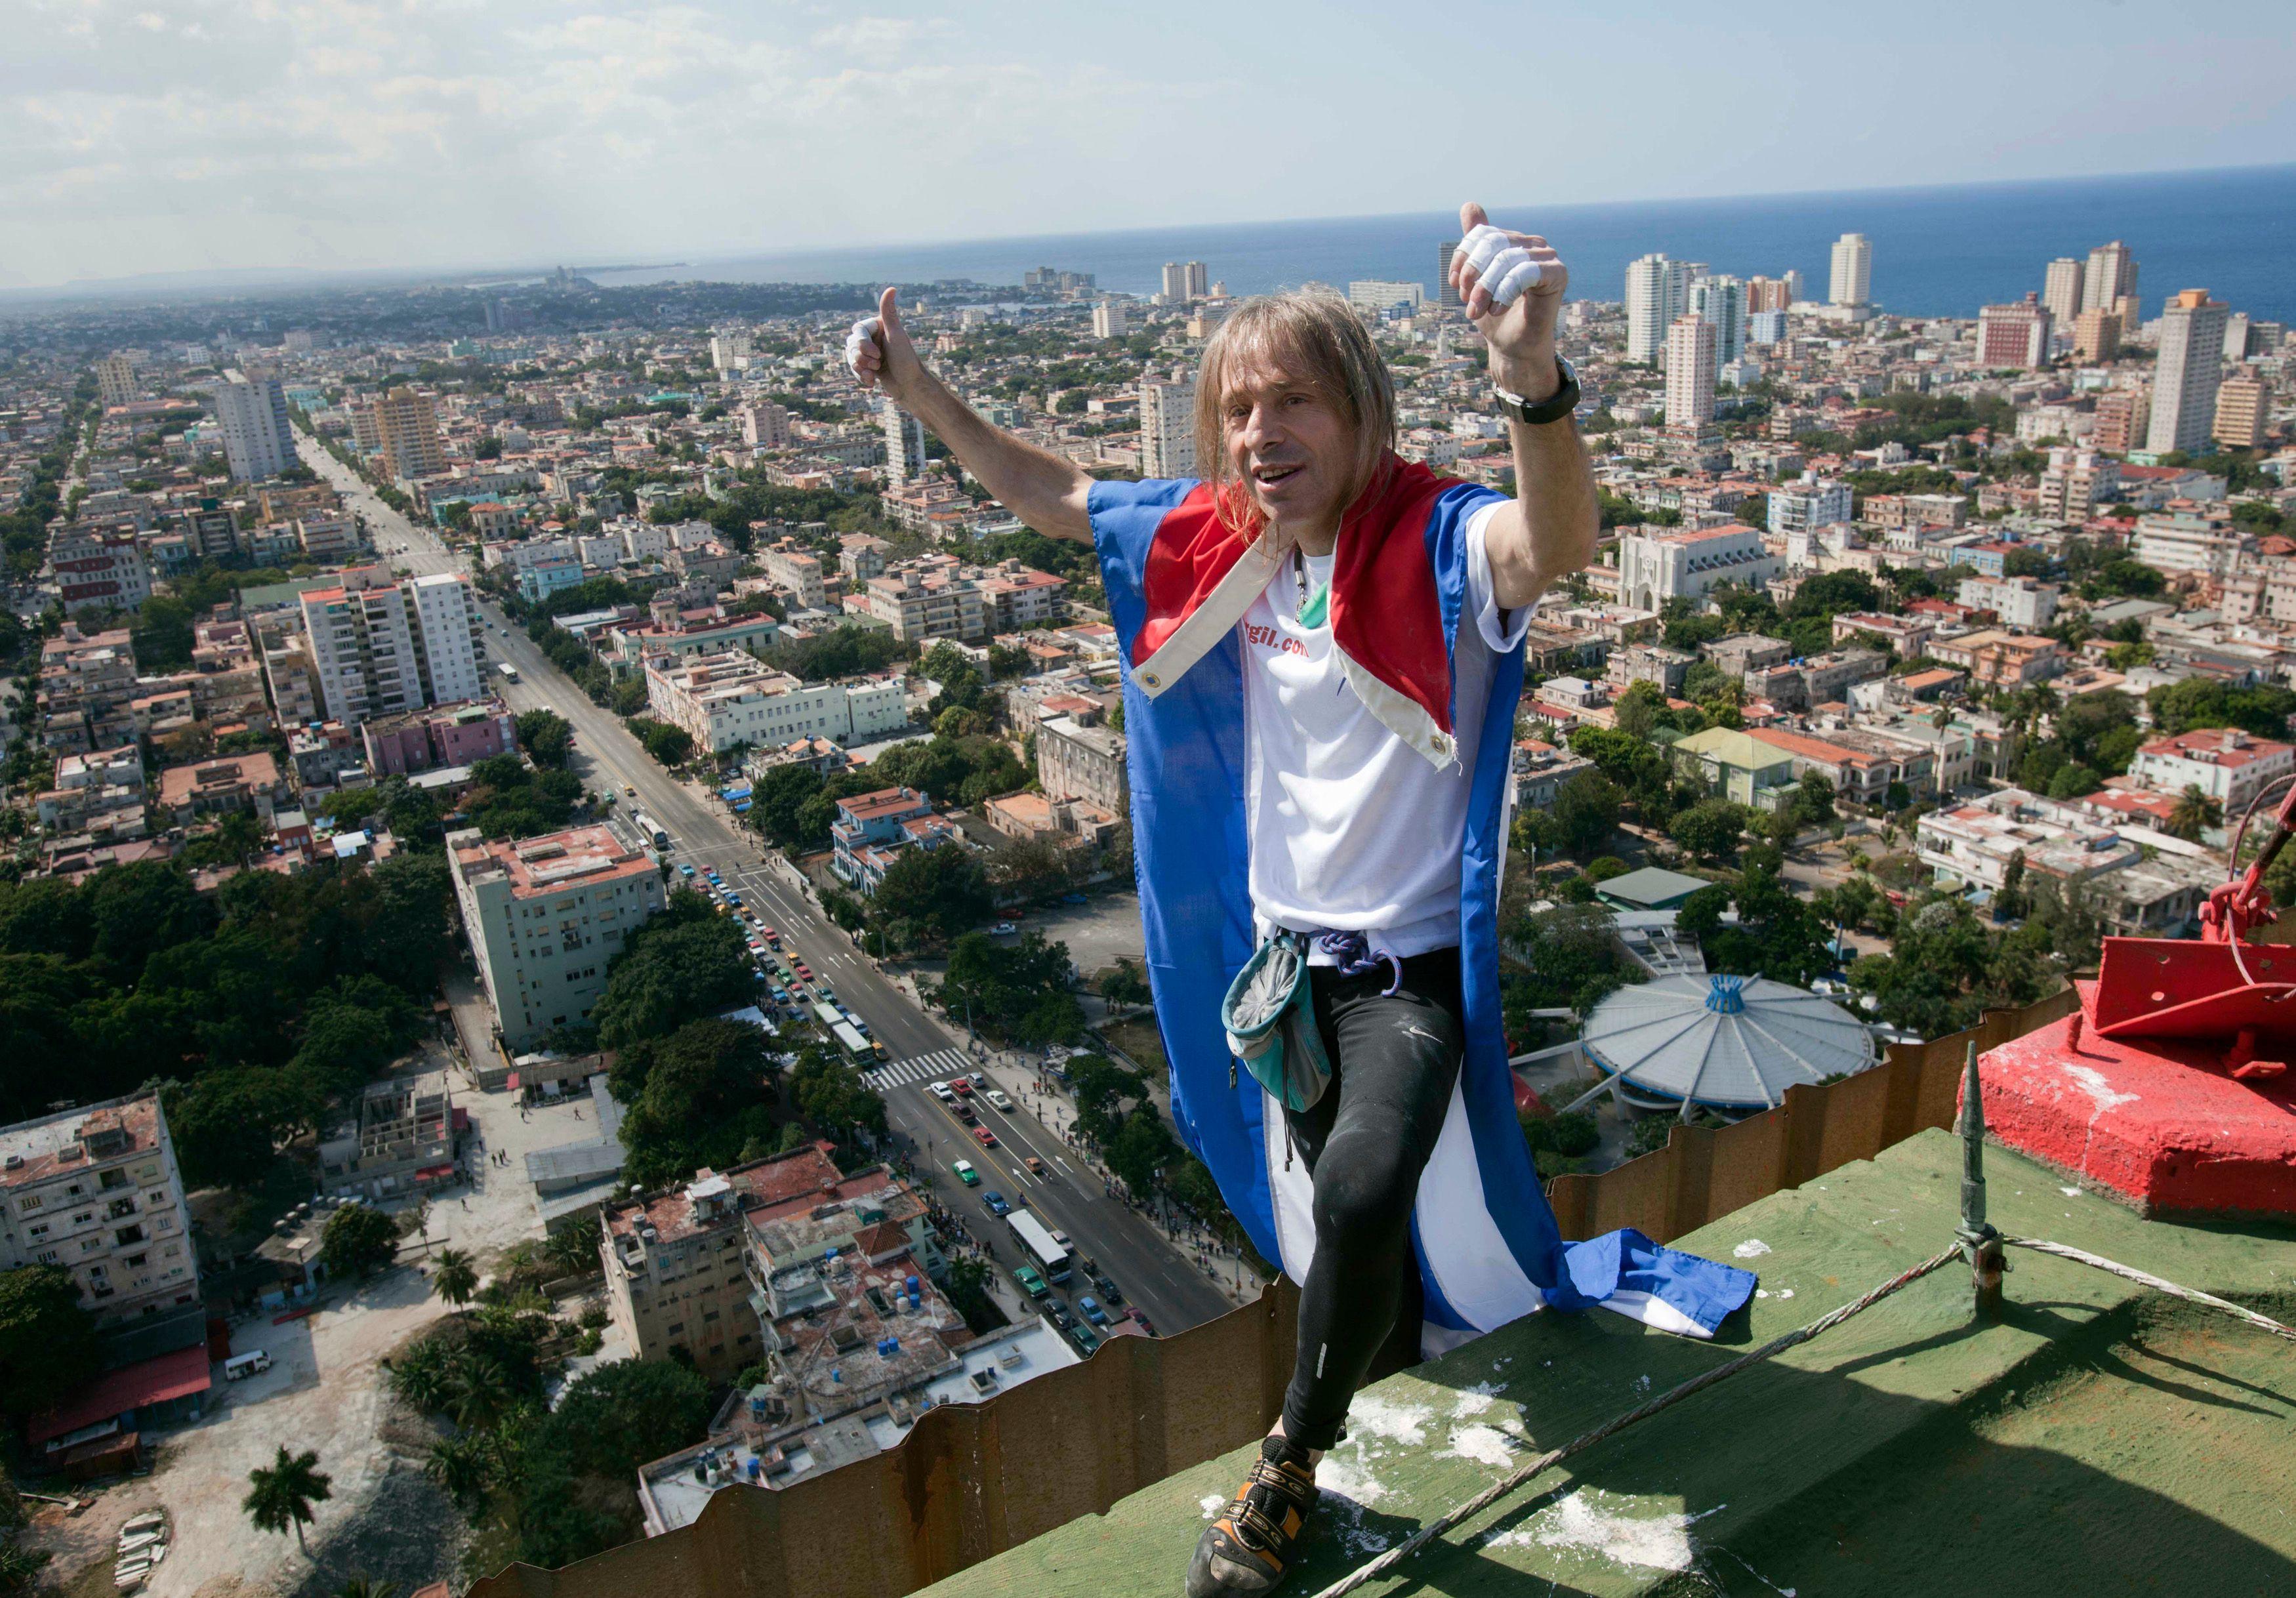 L'homme-araignée français sur le toit du monde, au drapeau cubain sur les épaules.